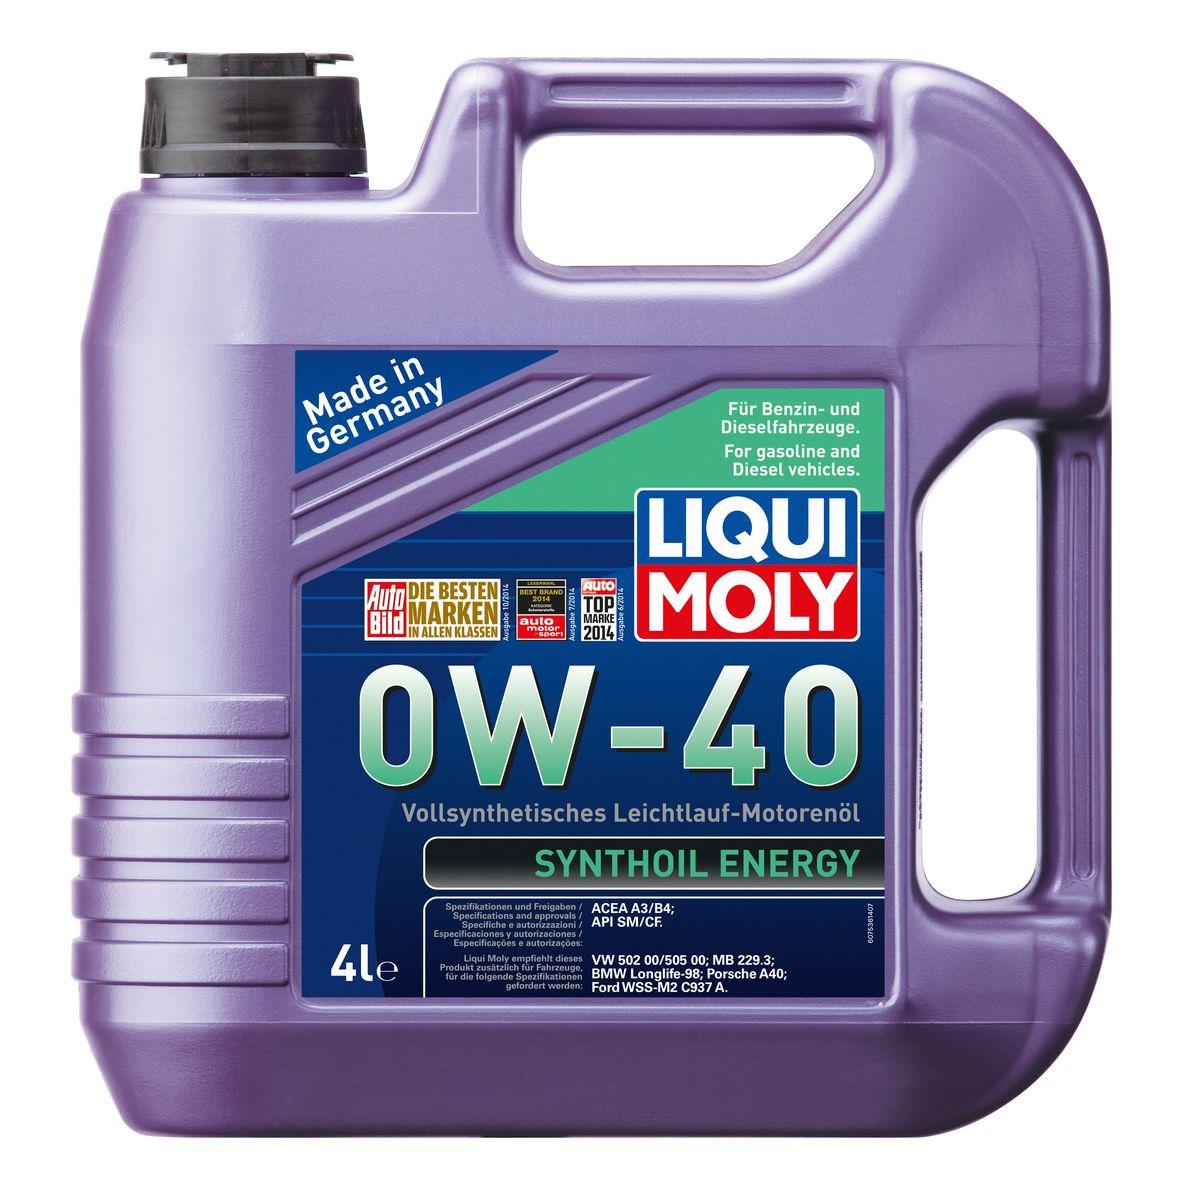 Масло моторное Liqui Moly Synthoil Energy, синтетическое, 0W-40, 4 л7536Масло моторное Liqui Moly Synthoil Energy - 100% синтетическое универсальное моторное масло на базе полиальфаолефинов (ПАО) для большинства автомобилей, для которых требования к маслам опираются на международные классификации API и ACEA. Класс вязкости 0W-40 моторного масла на ПАО-базе оптимален для эксплуатации в холодных условиях, обеспечивая уверенный пуск двигателя даже в сильный мороз и высокий уровень защиты. Использование современных полностью синтетических базовых масел (ПАО) и передовых технологий в области разработок присадок гарантирует низкую вязкость масла при низких температурах, высокую надежность масляной пленки. Моторные масла линейки Synthoil предотвращают образование отложений в двигателе, снижают трение и надежно защищают от износа. Особенности: - Отличные пусковые свойства в мороз - Быстрое поступление масла ко всем деталям двигателя при низких температурах - Высокая смазывающая способность - Замечательная термоокислительная...